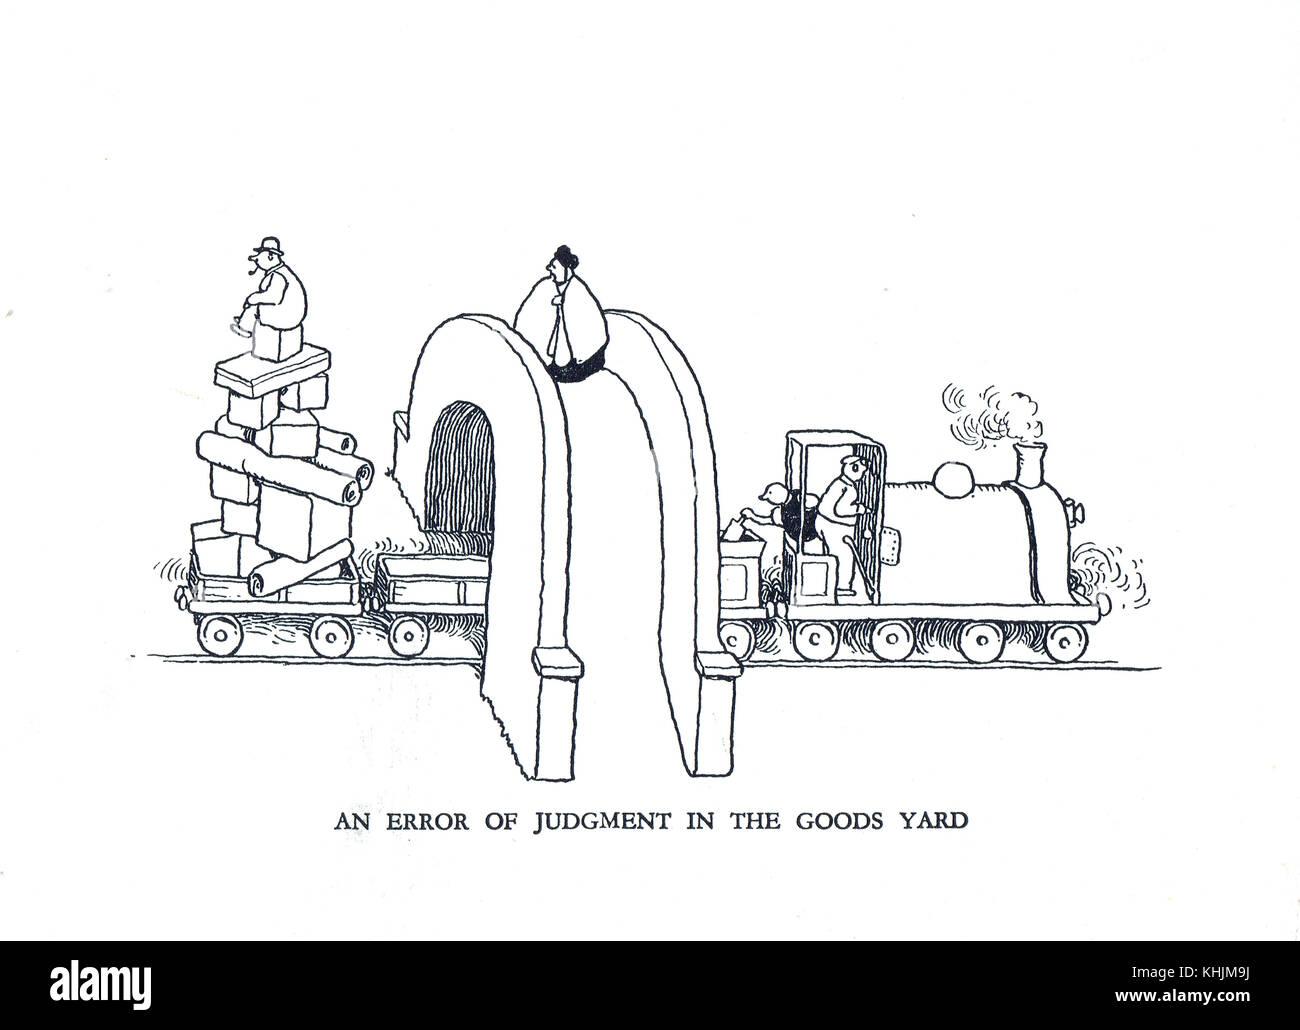 Ein Fehler des Urteils in den Güterbahnhof, Cartoon von William Heath Robinson Stockbild